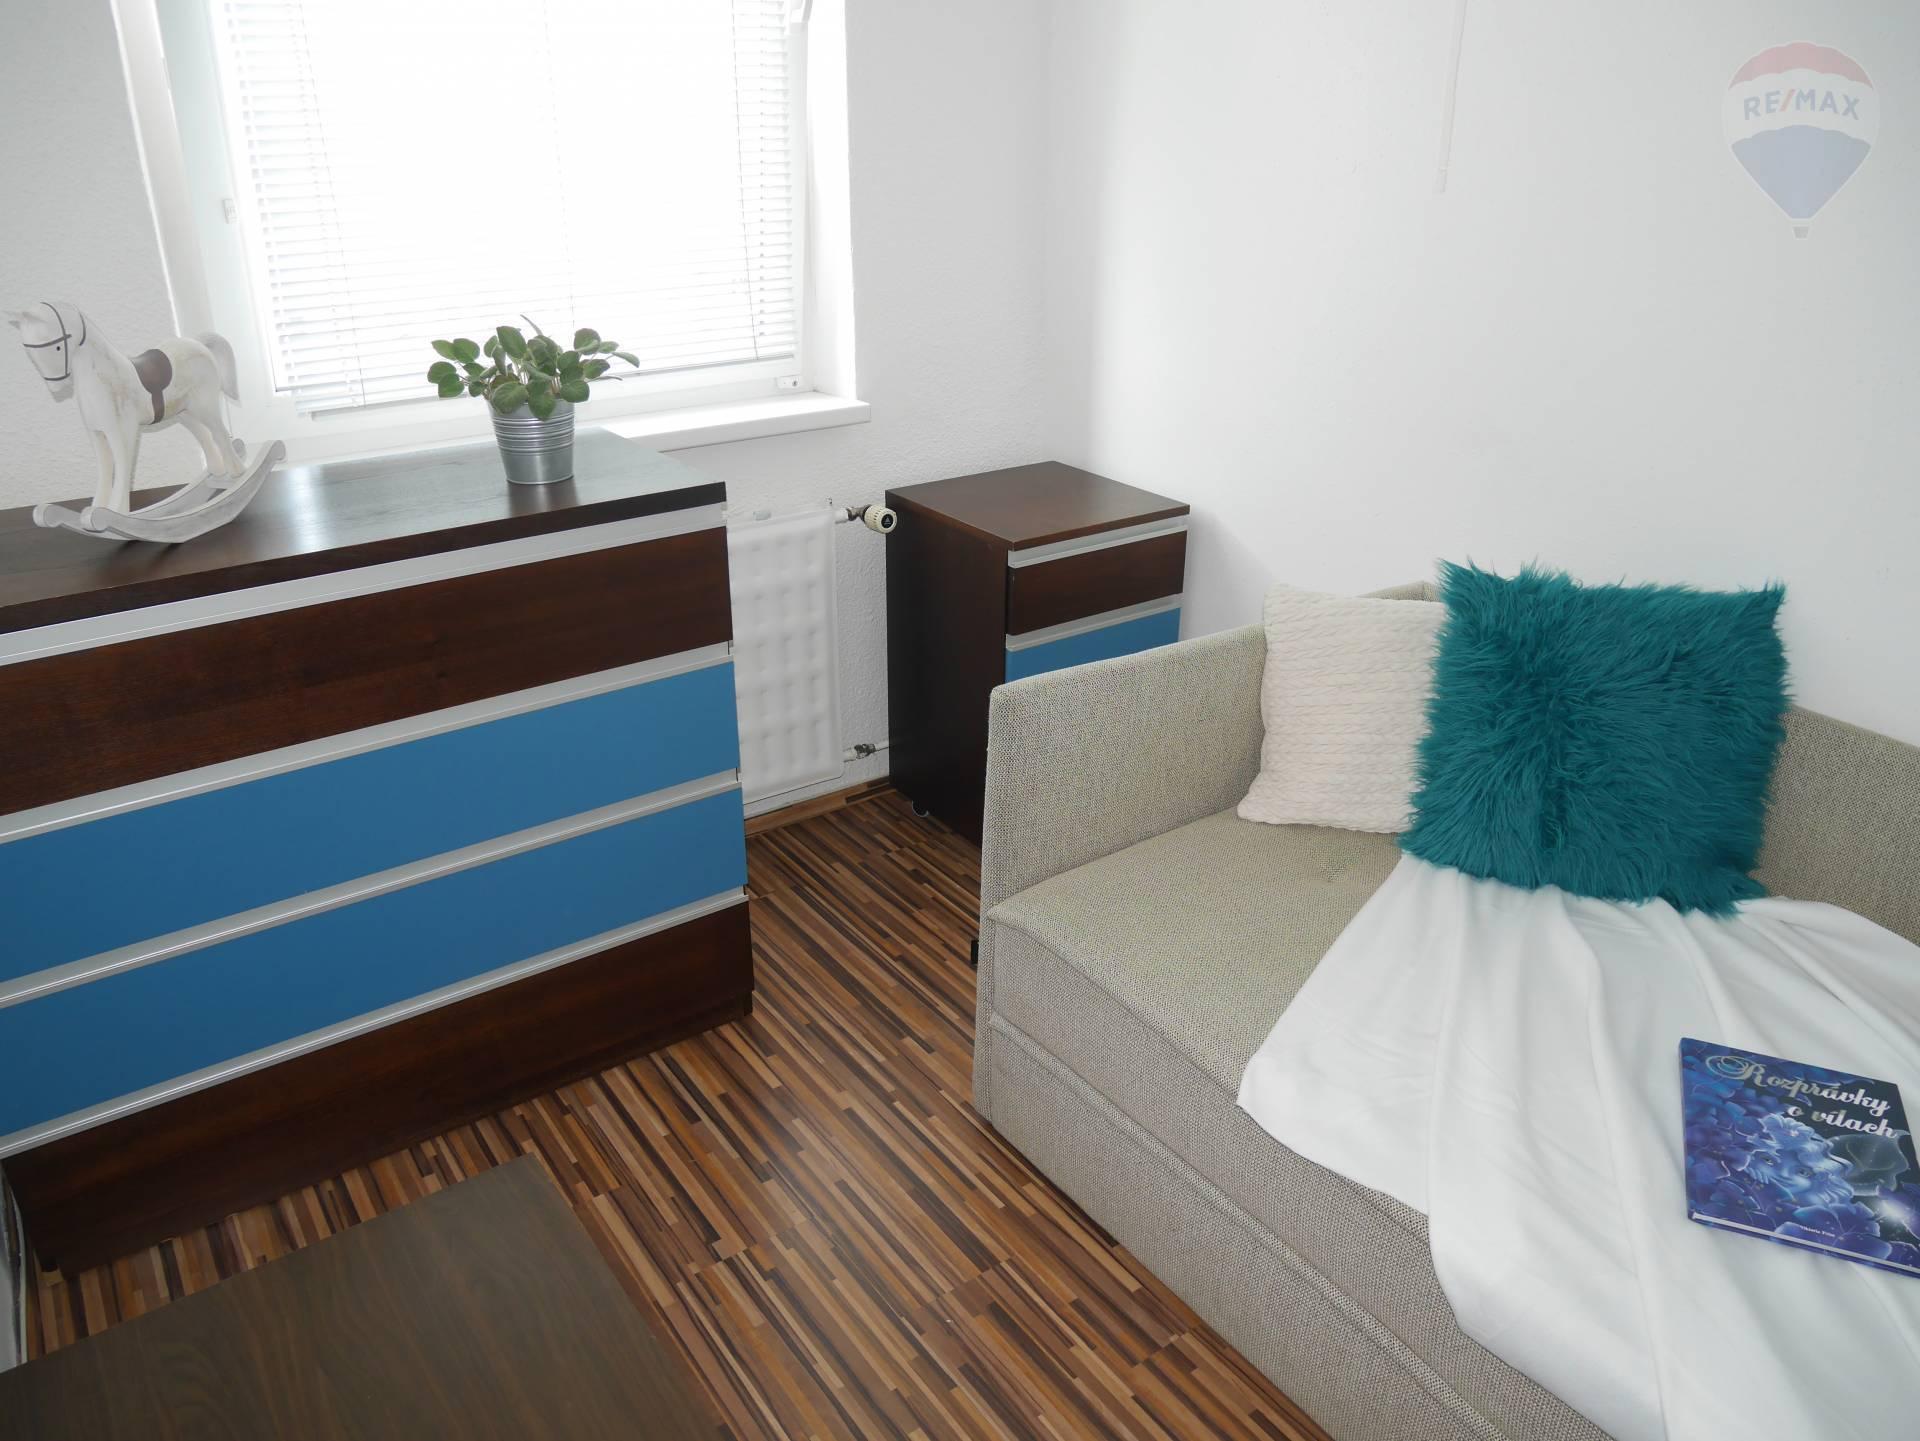 NA PREDAJ!!! 3 izbový byt, Prievidza, ul.J.M.Hurbana, 64m2